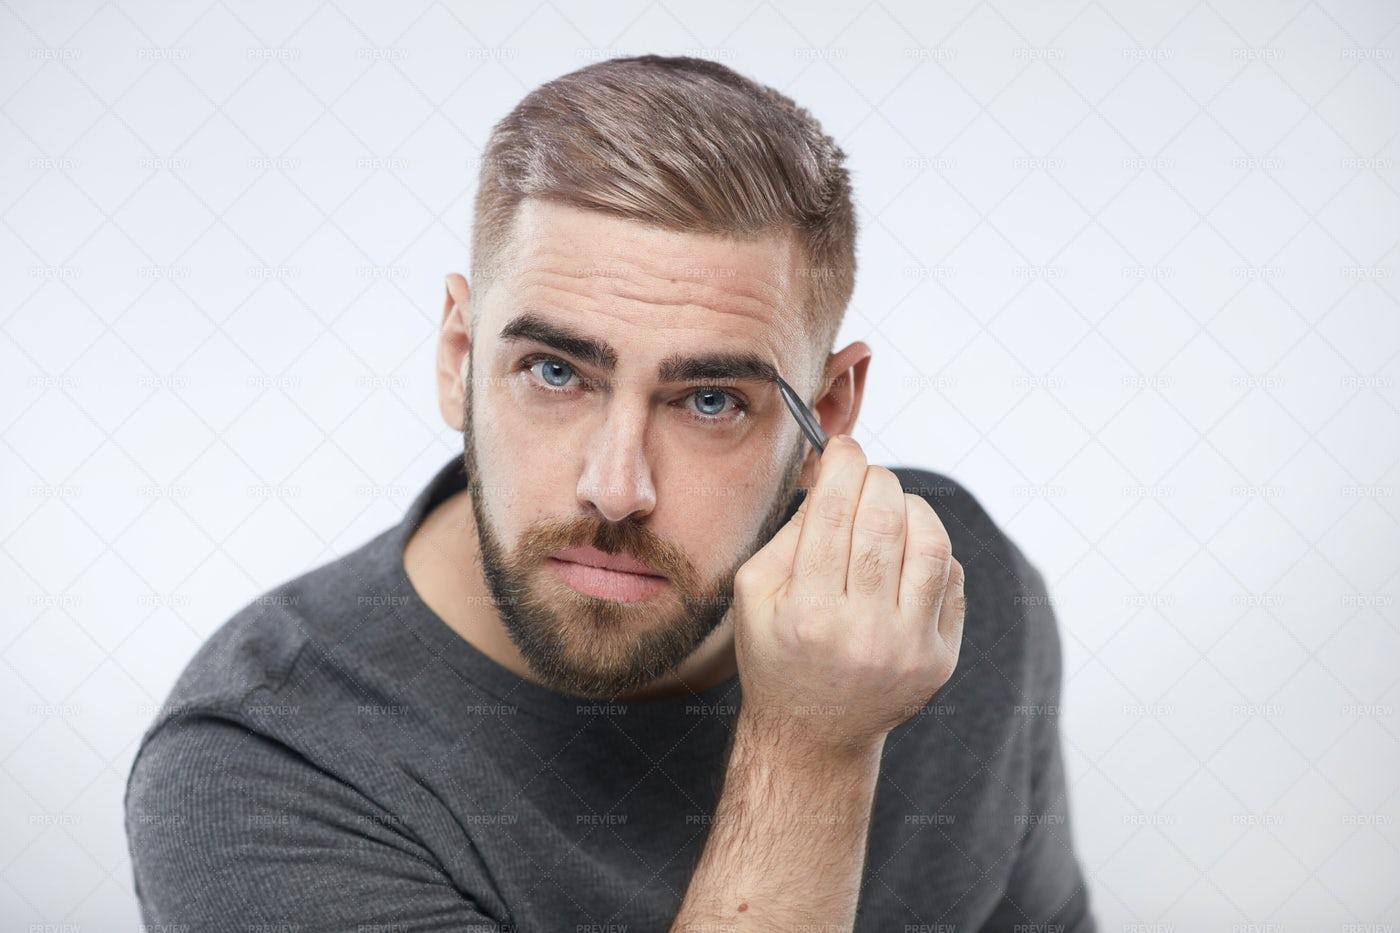 Caucasian Man Tweezing Eyebrows: Stock Photos